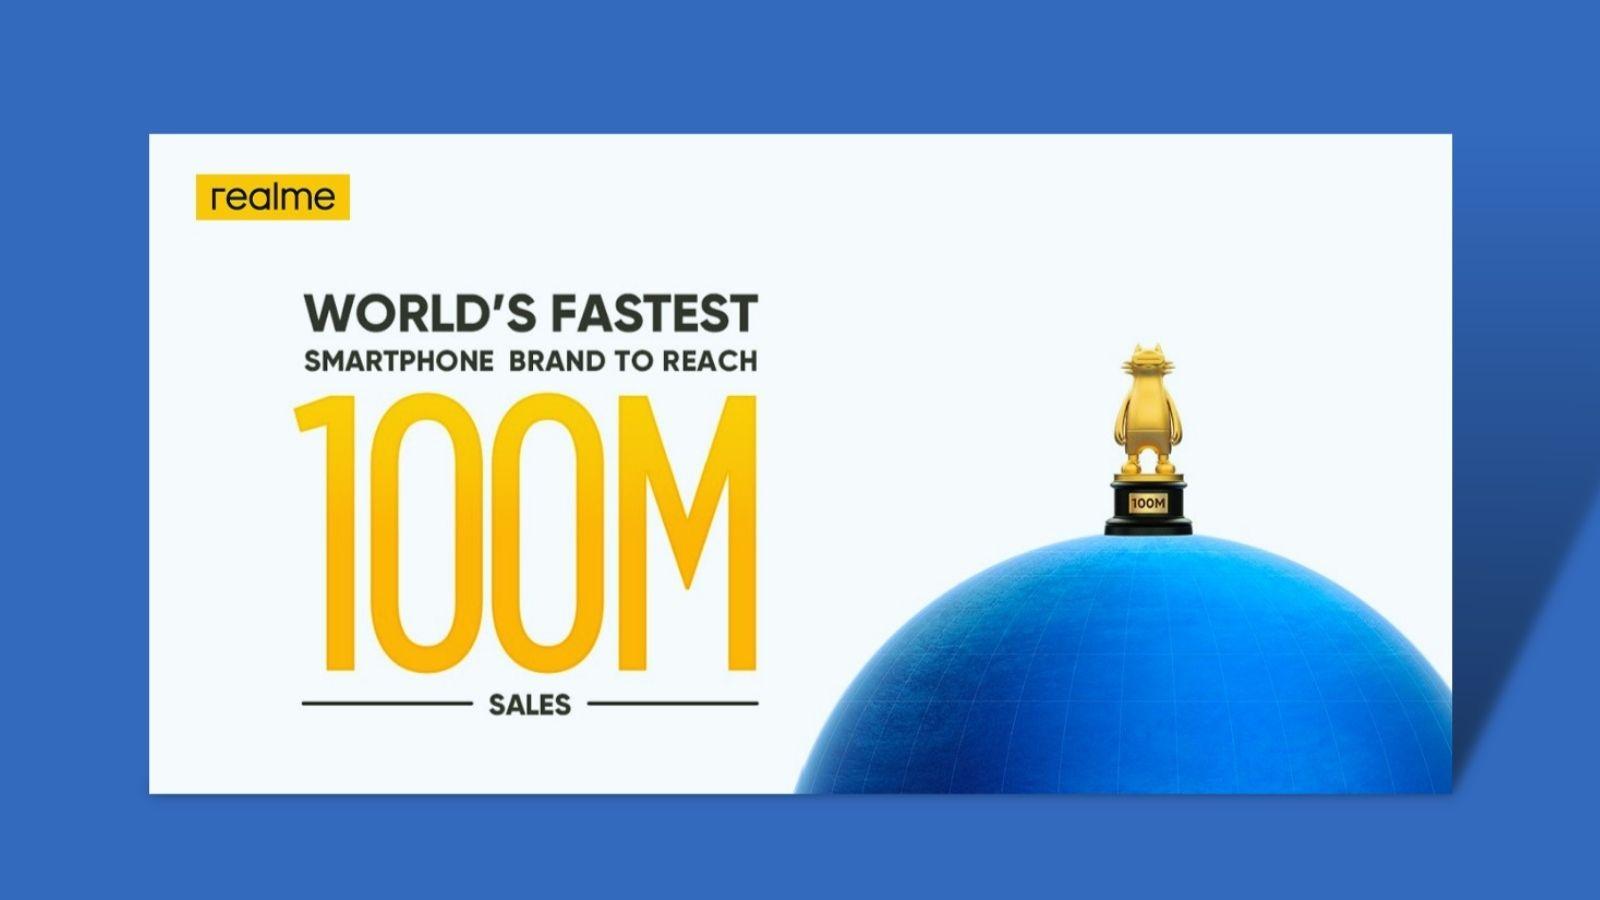 Realme Sales